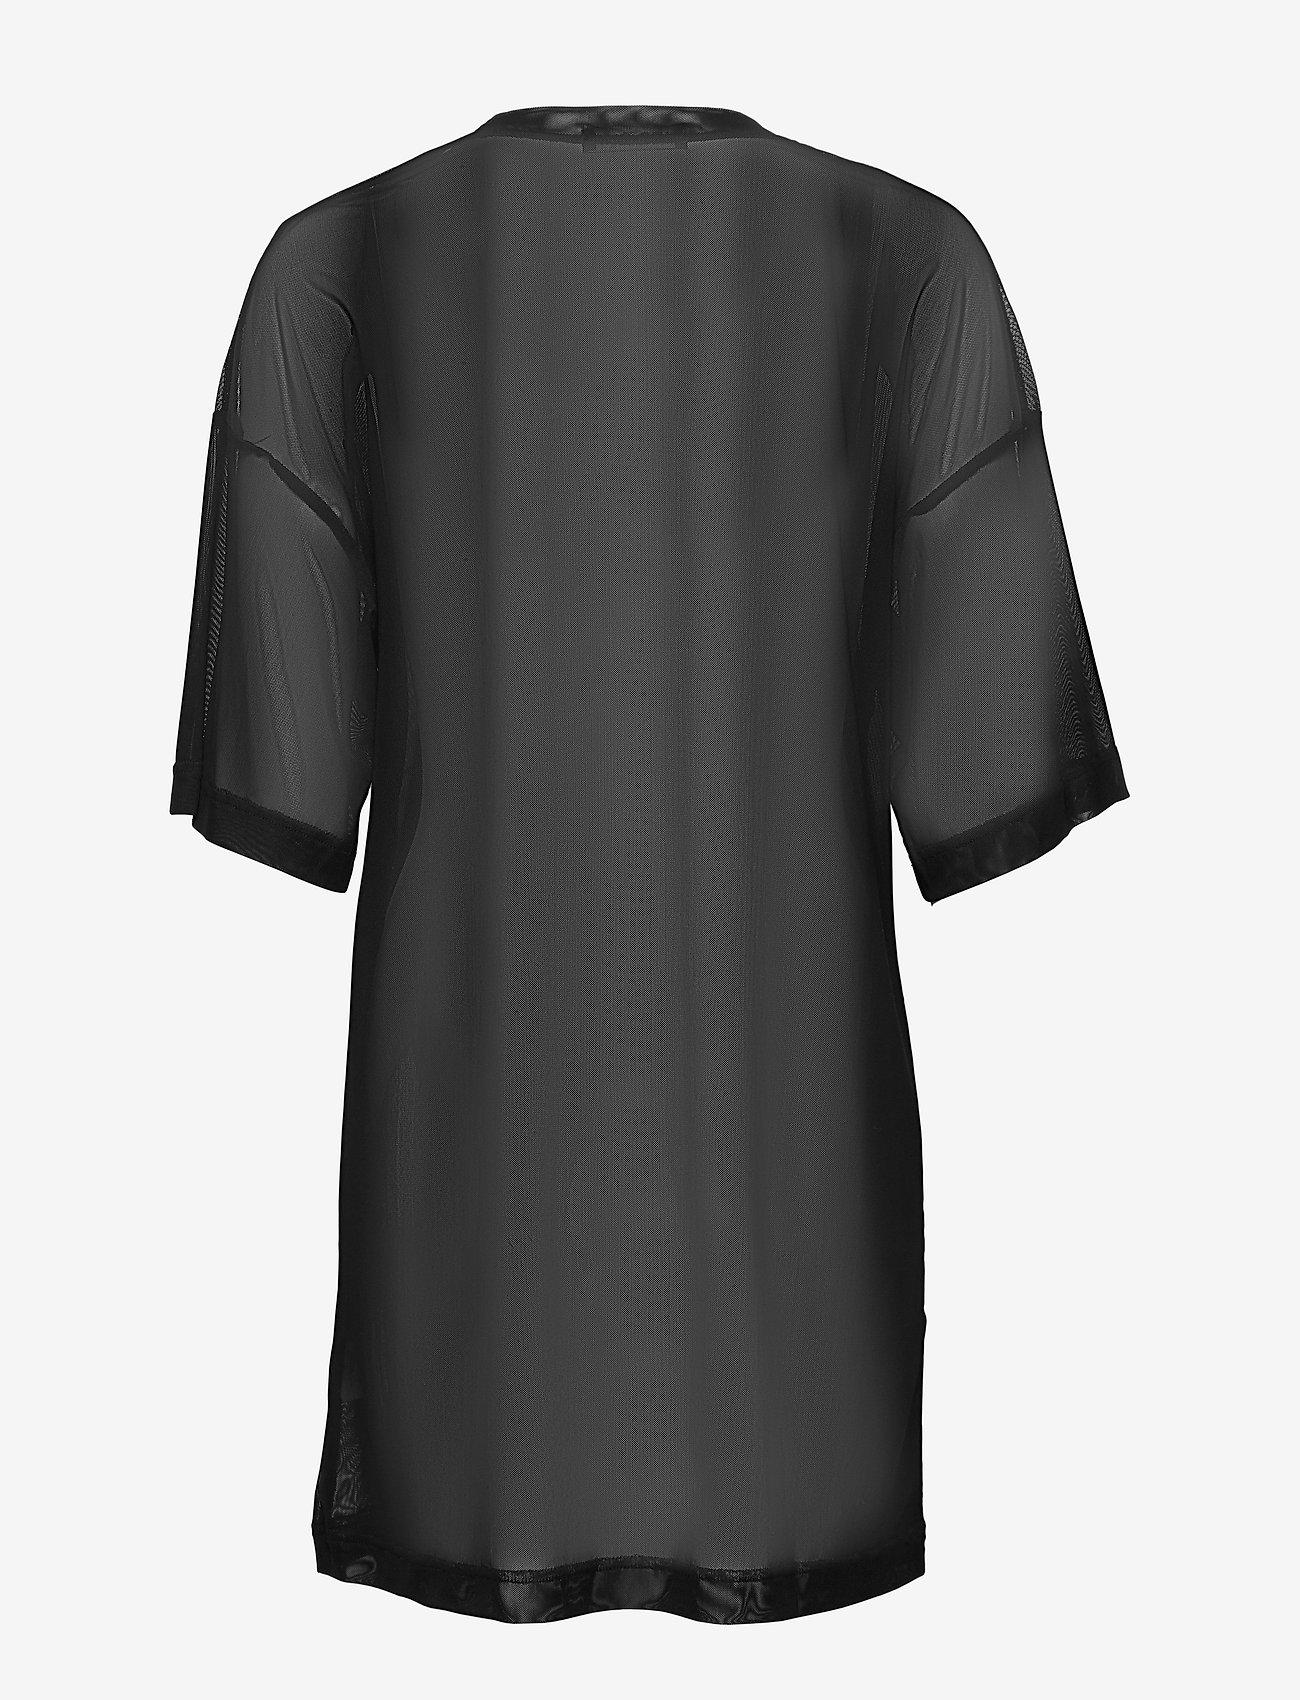 W. Mesh T-shirt Dress (Black) - Svea Zl80Gl